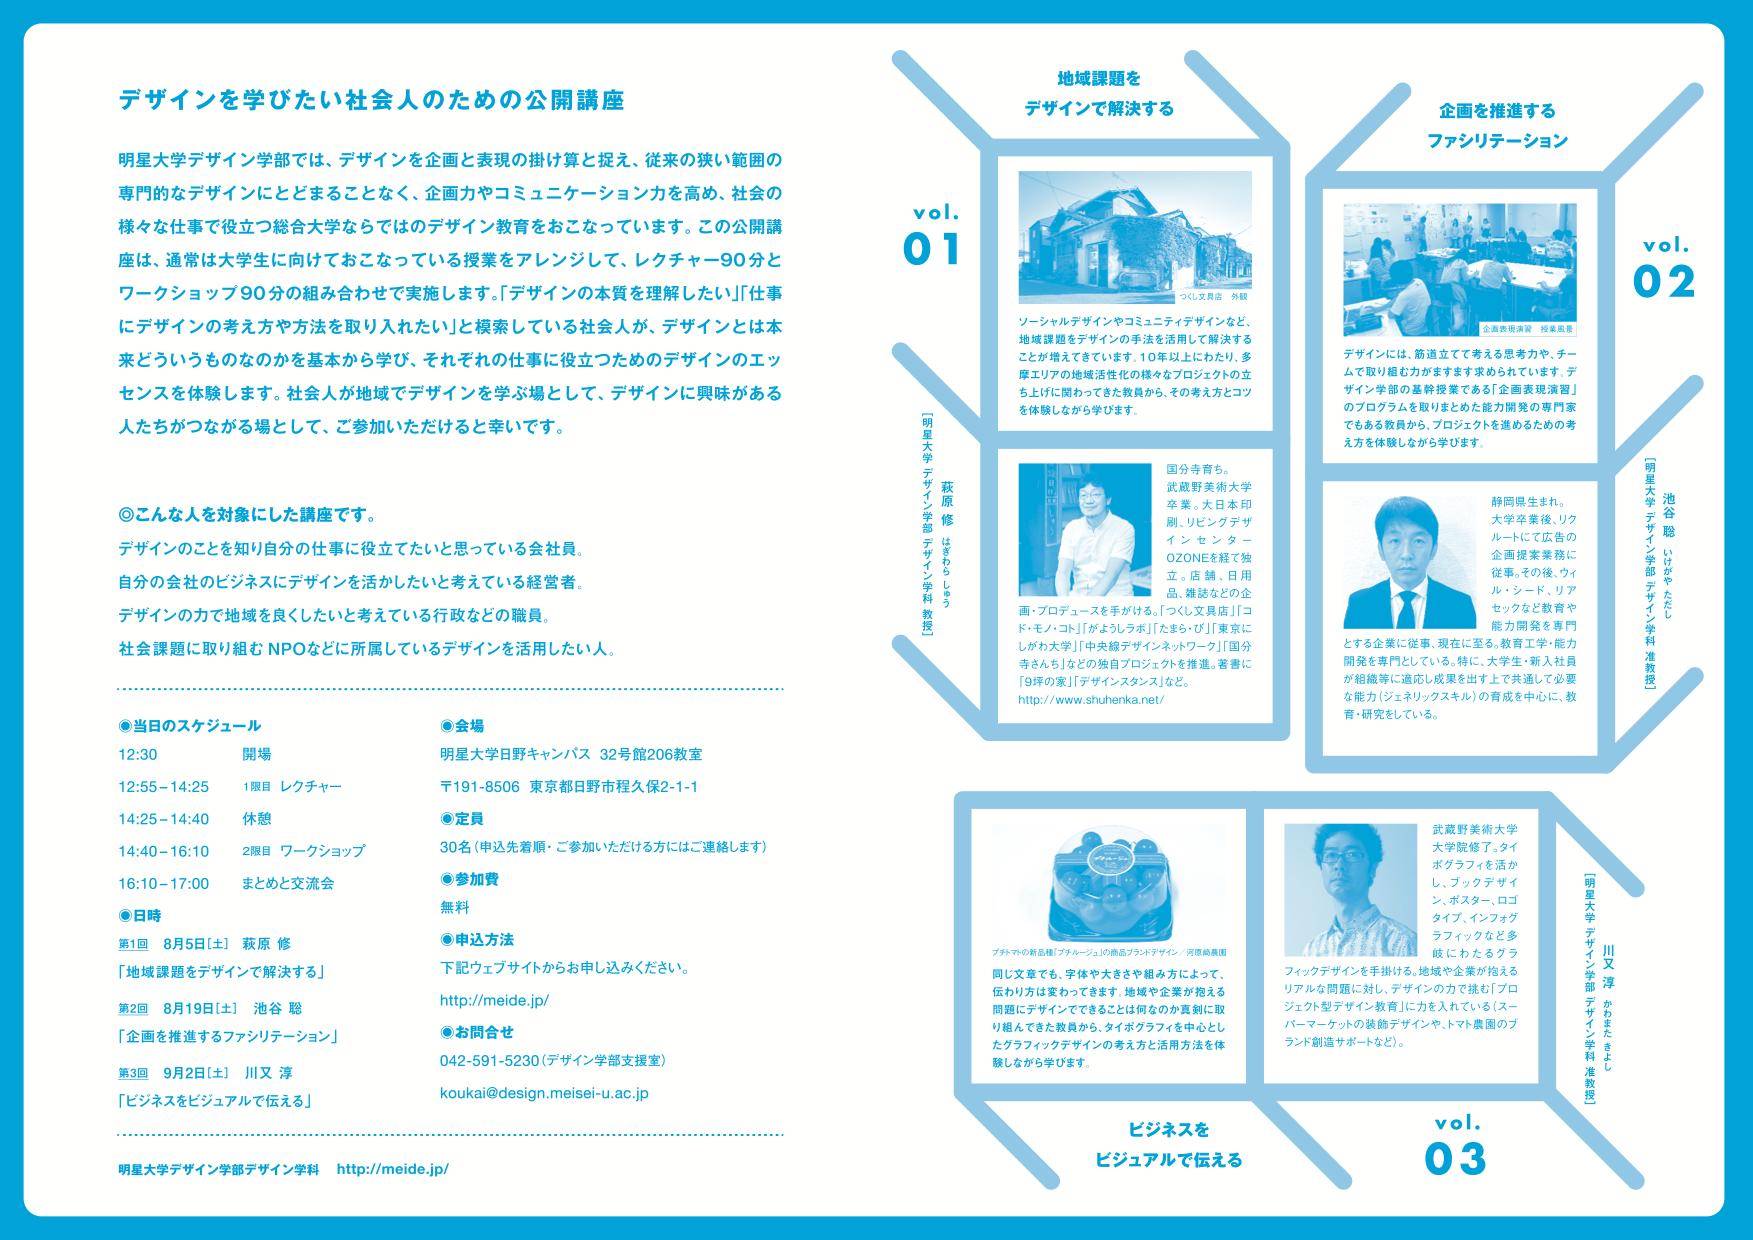 デザインを学びたい社会人のための公開講座開催【8/5,19, 9/2】